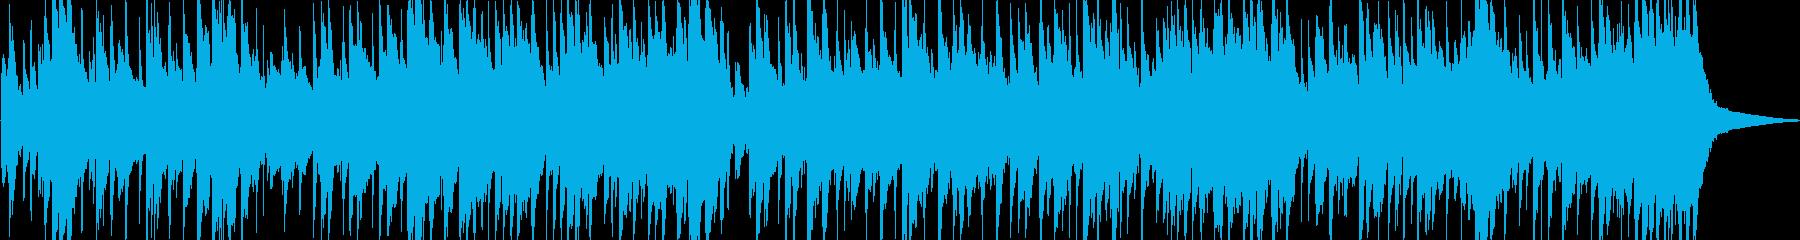 ナイロンギターが奏でるロックバラードの再生済みの波形